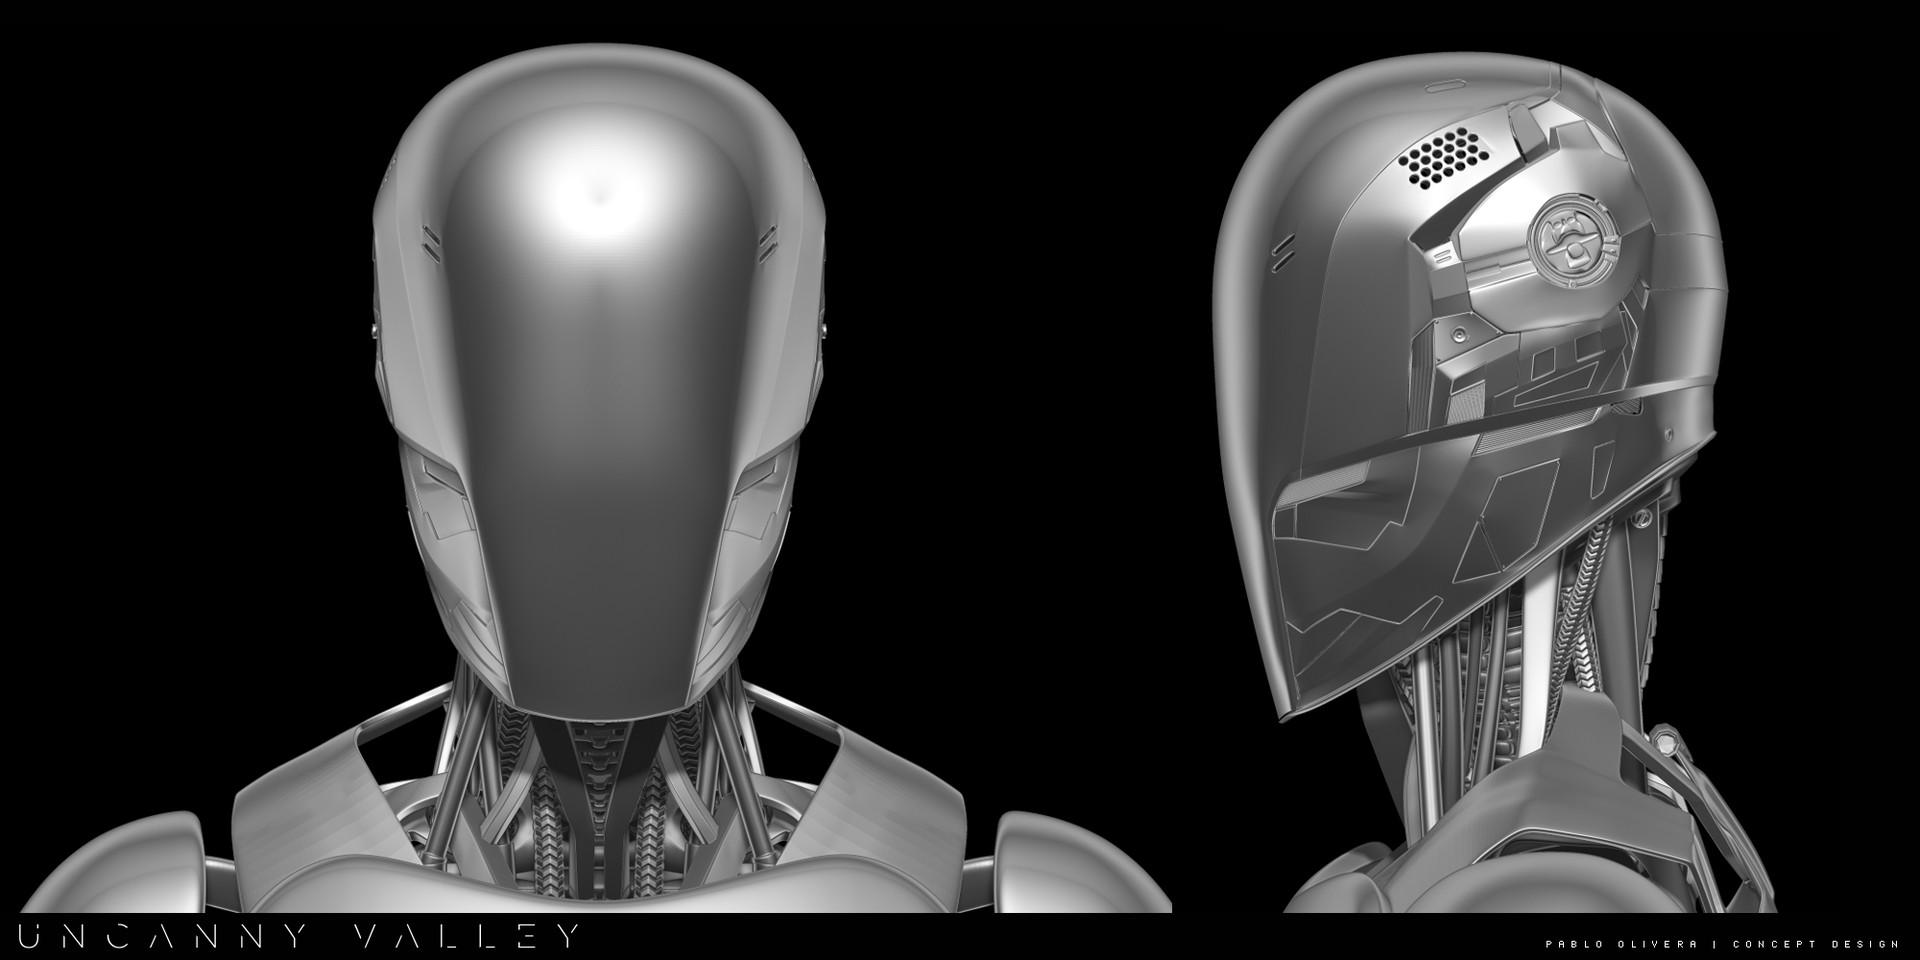 Pablo olivera uncanny valley character design robot detalle1